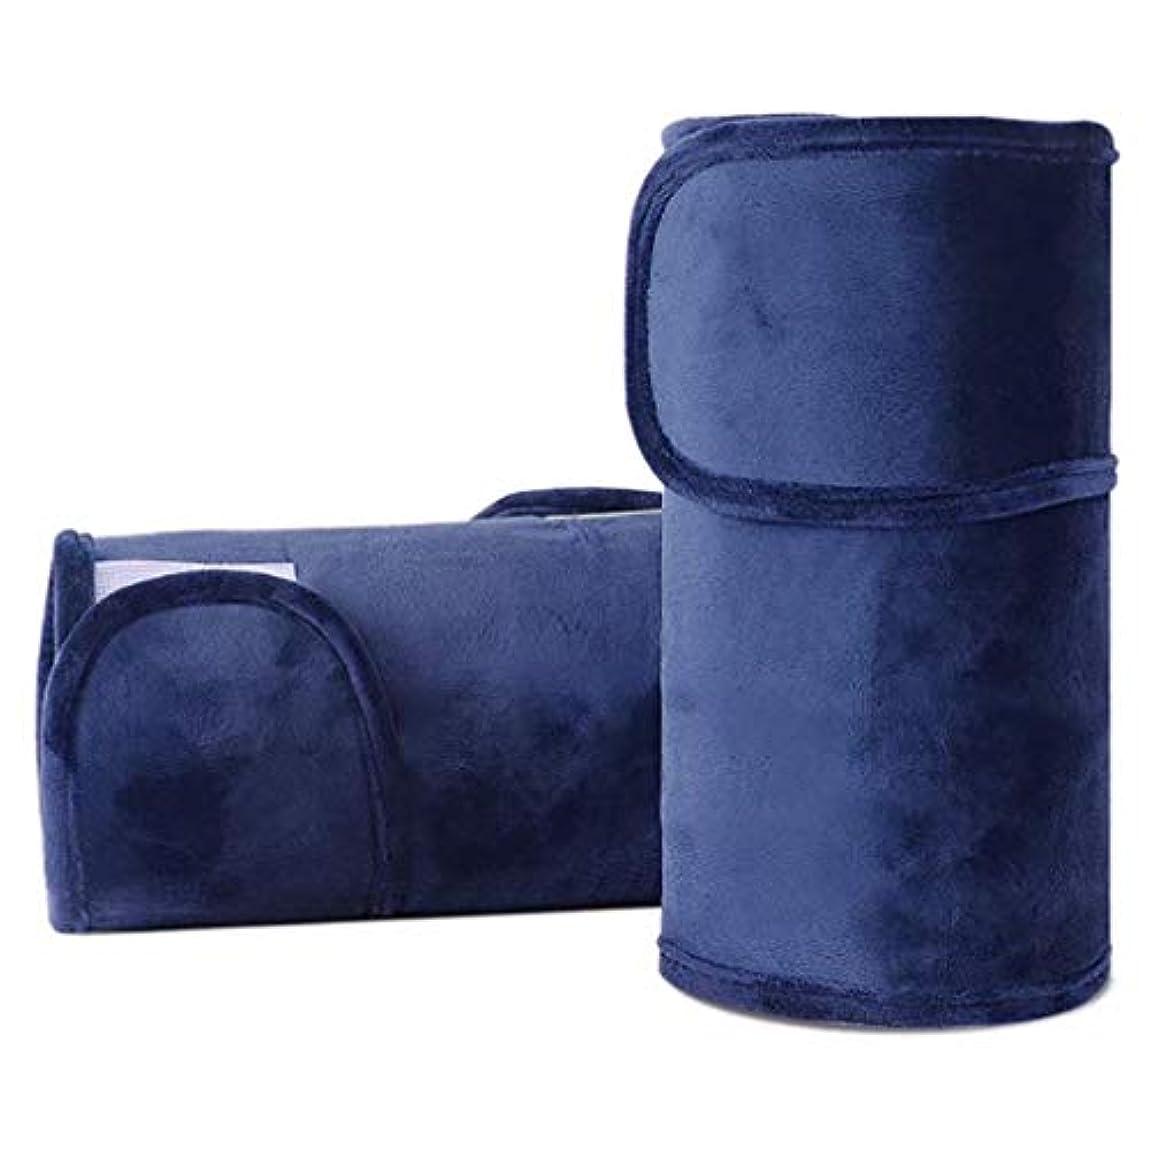 辞書悪いハングレッグマッサージ、電気看護膝温熱パッド、レッグマッサージセラピーリラクゼーション、在宅勤務に適した、血行促進 (Color : 青)